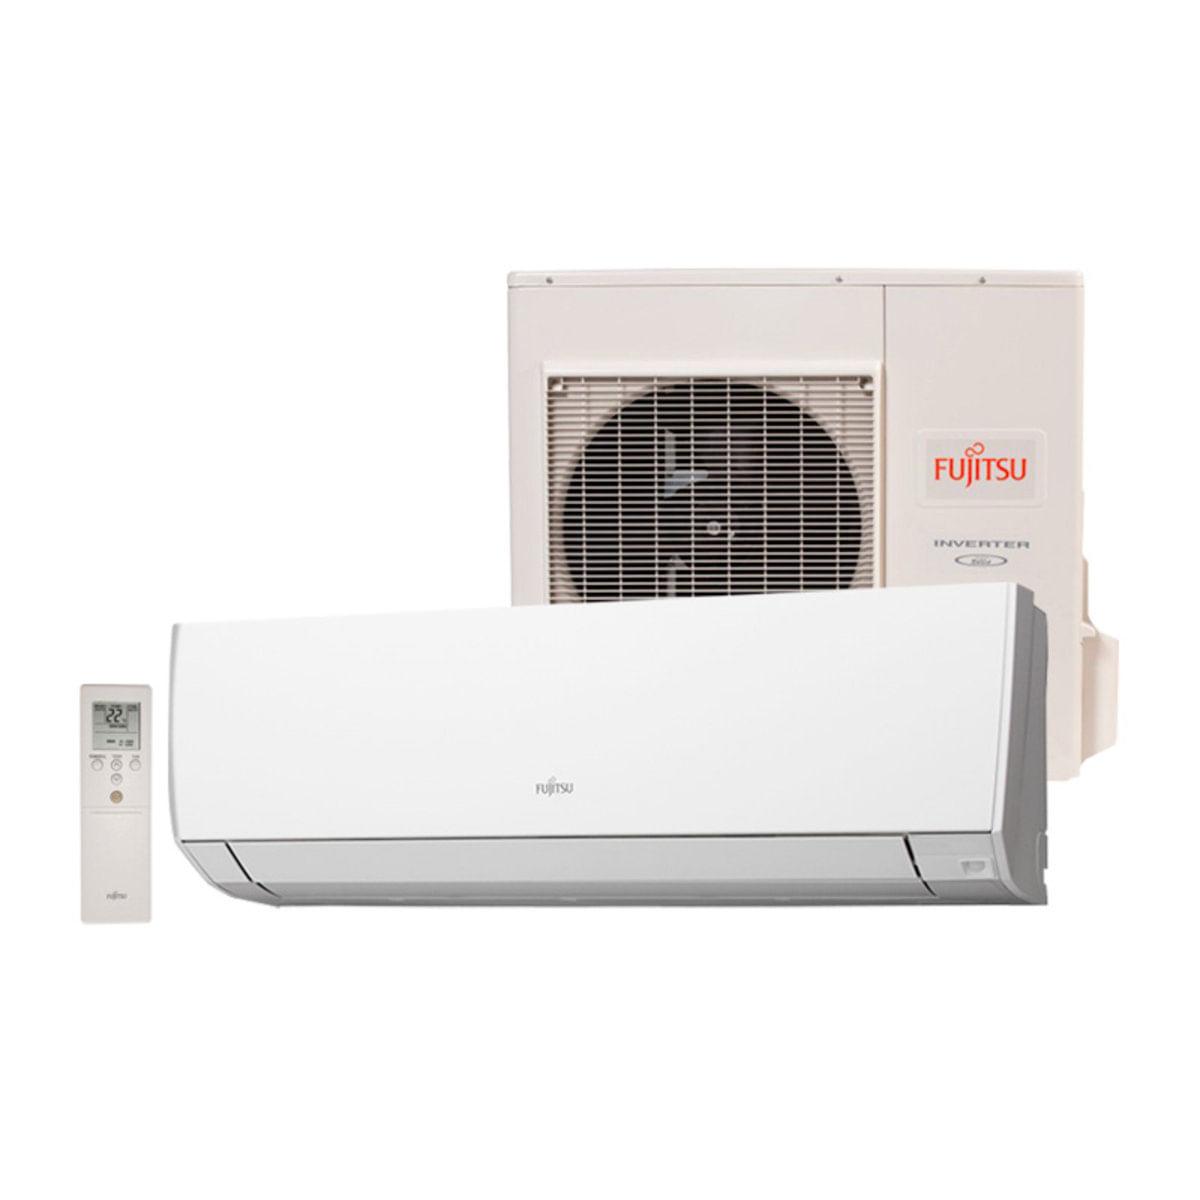 Imagem de Ar Condicionado Fujitsu Split High Wall Inverter 12000 Btus Frio 220v 1F - ASBG12JMCA